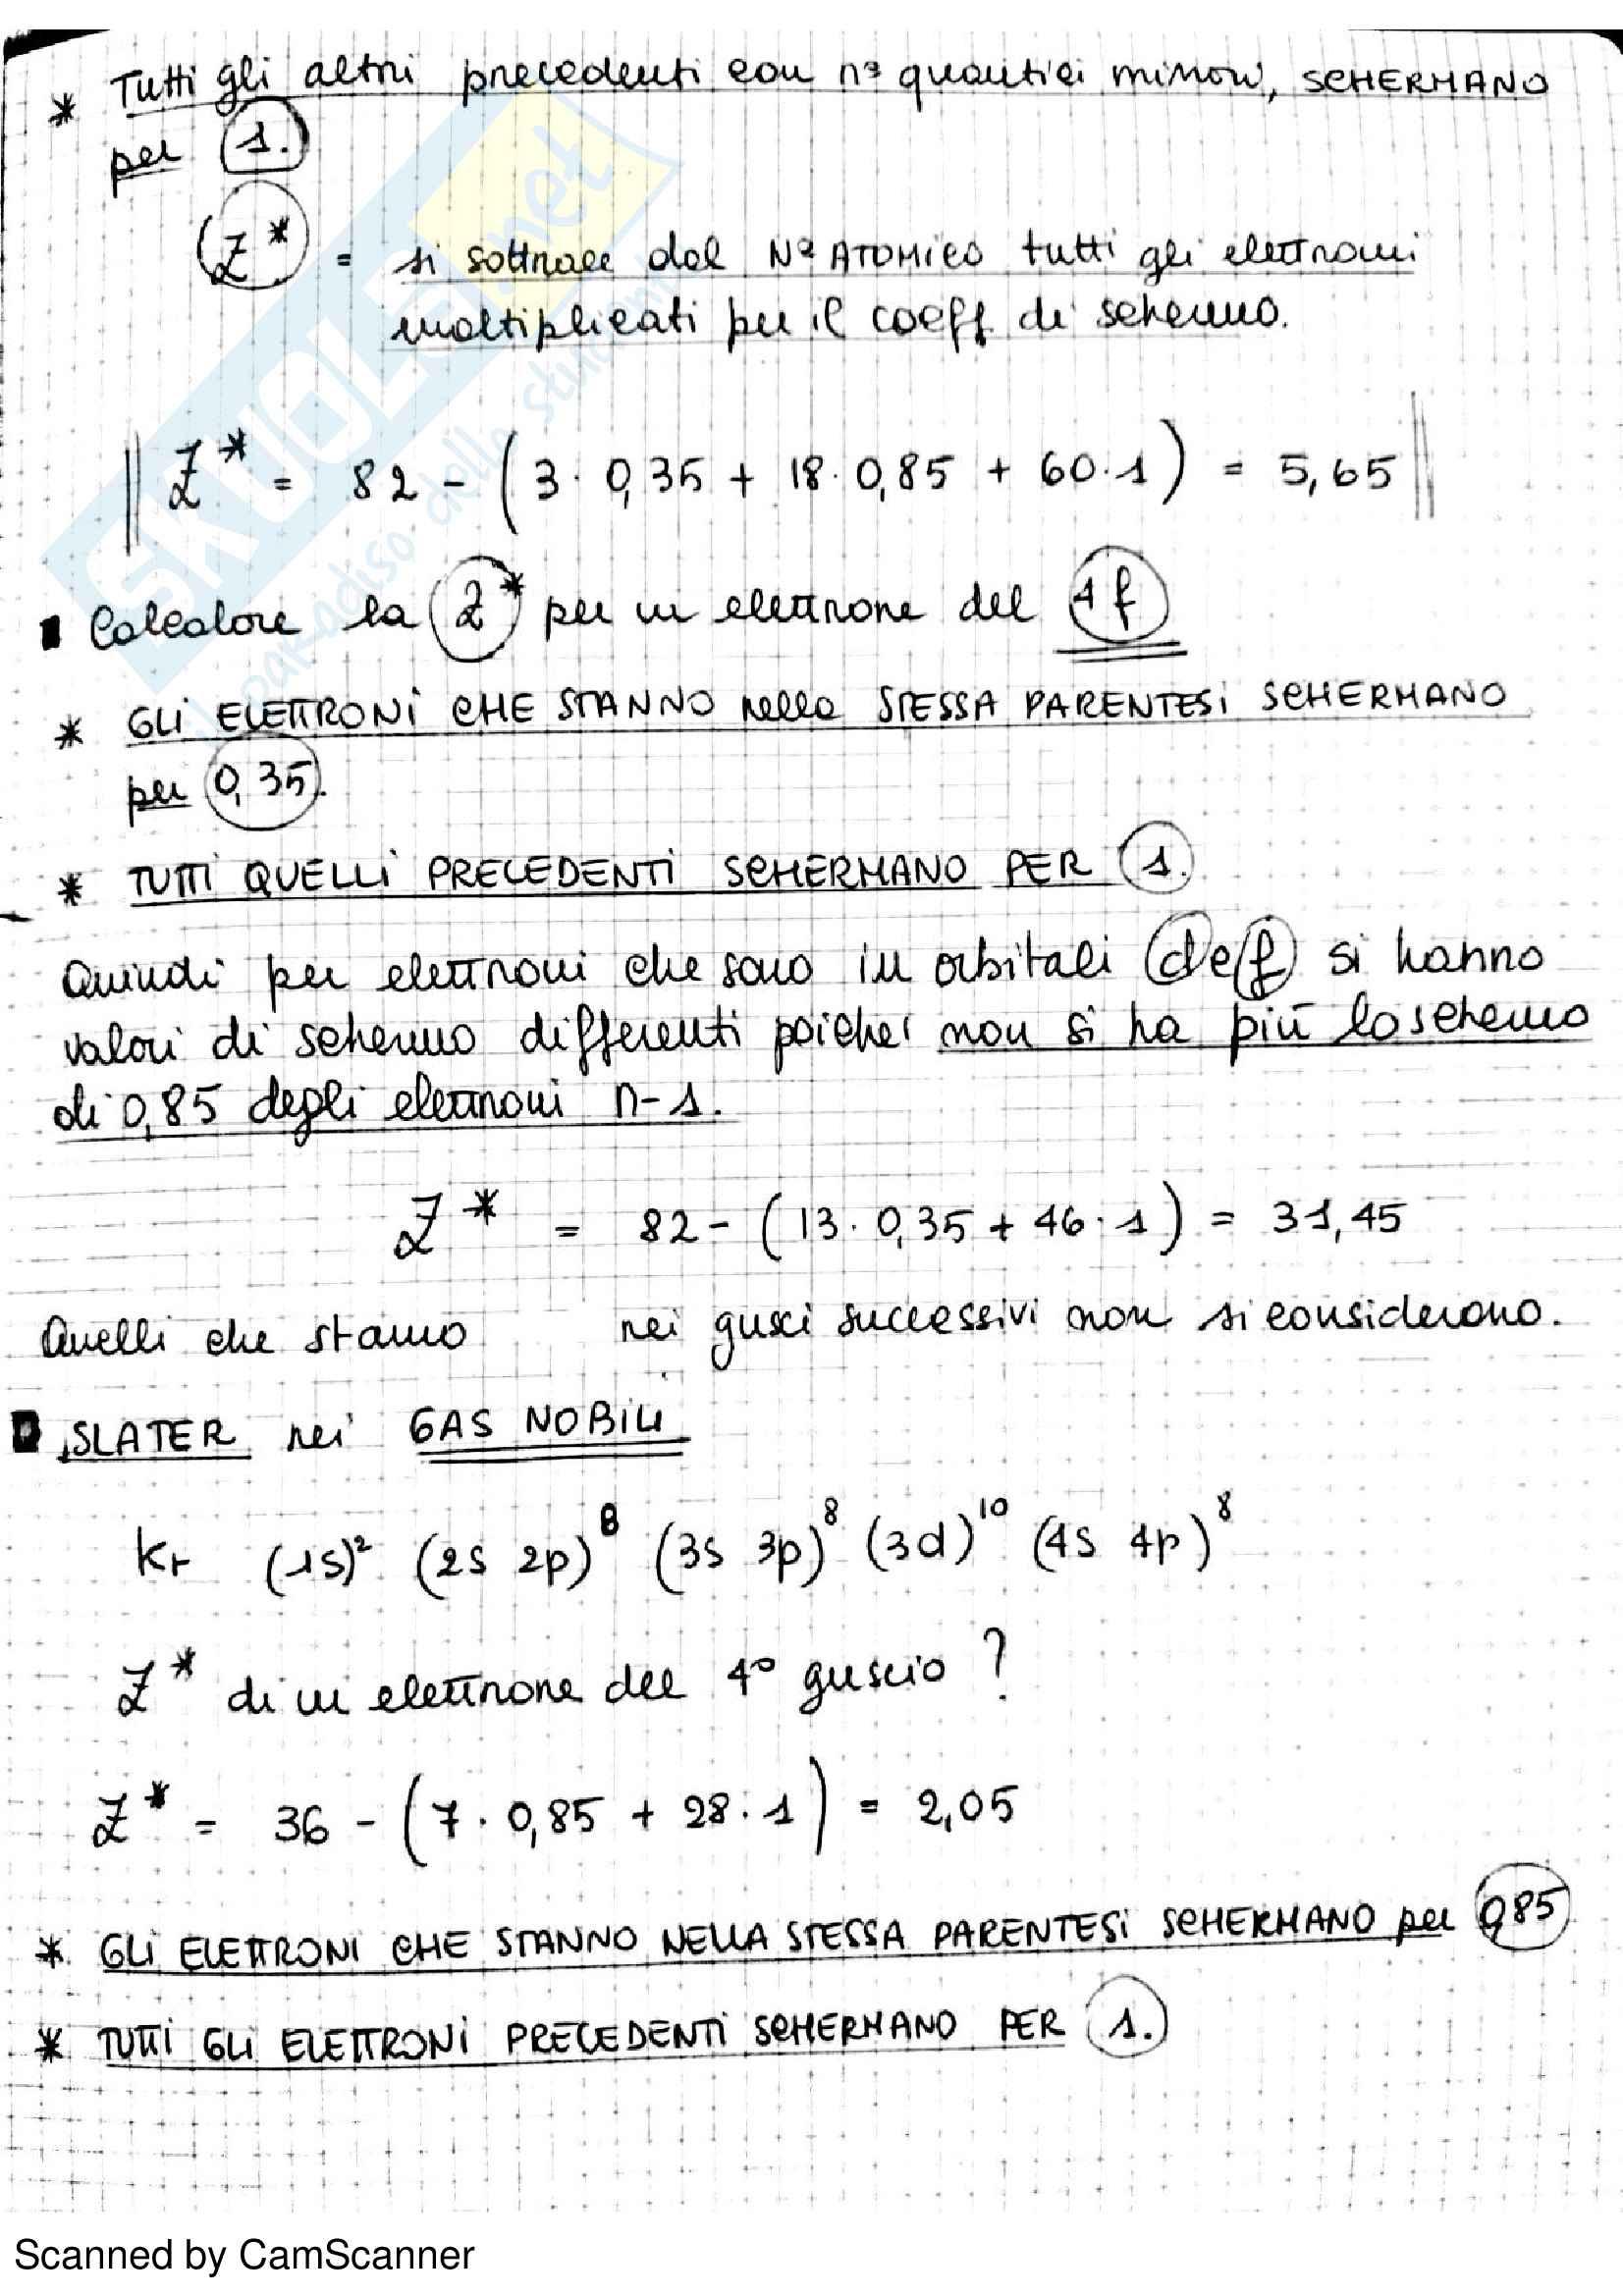 Appunti completi di chimica analitica comprensivi di esercizi d'esame Pag. 61